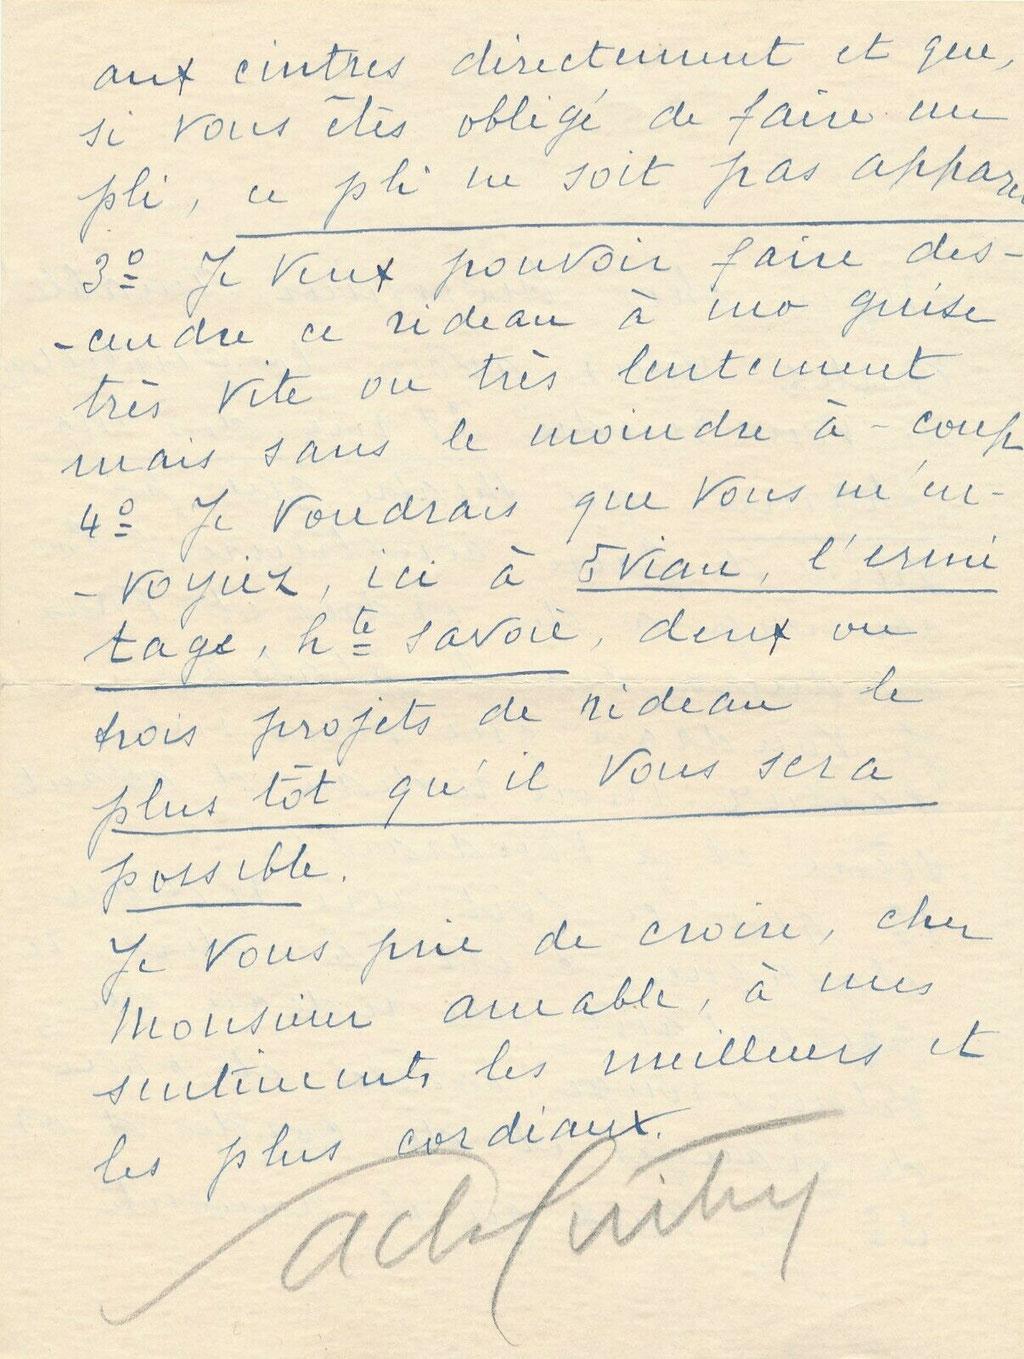 Sacha Guitry lettre autographe signée